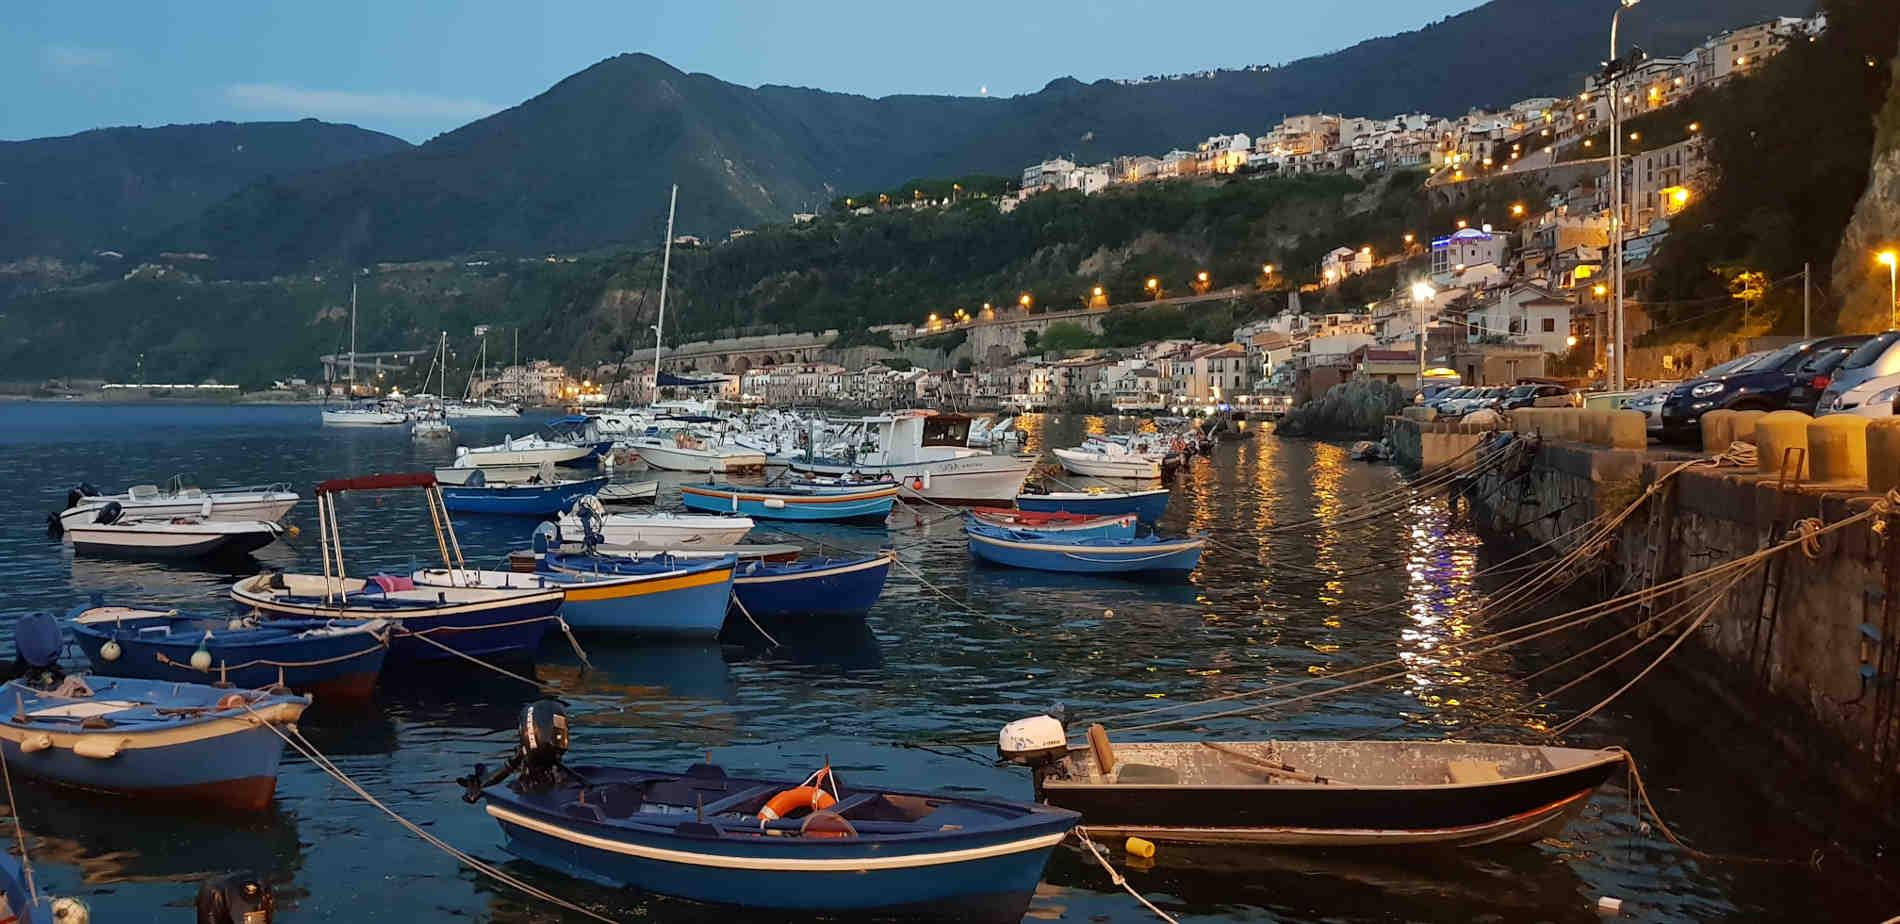 Chianalea di Scilla nella Costa Viola 10 spiagge più belle a Reggio Calabria